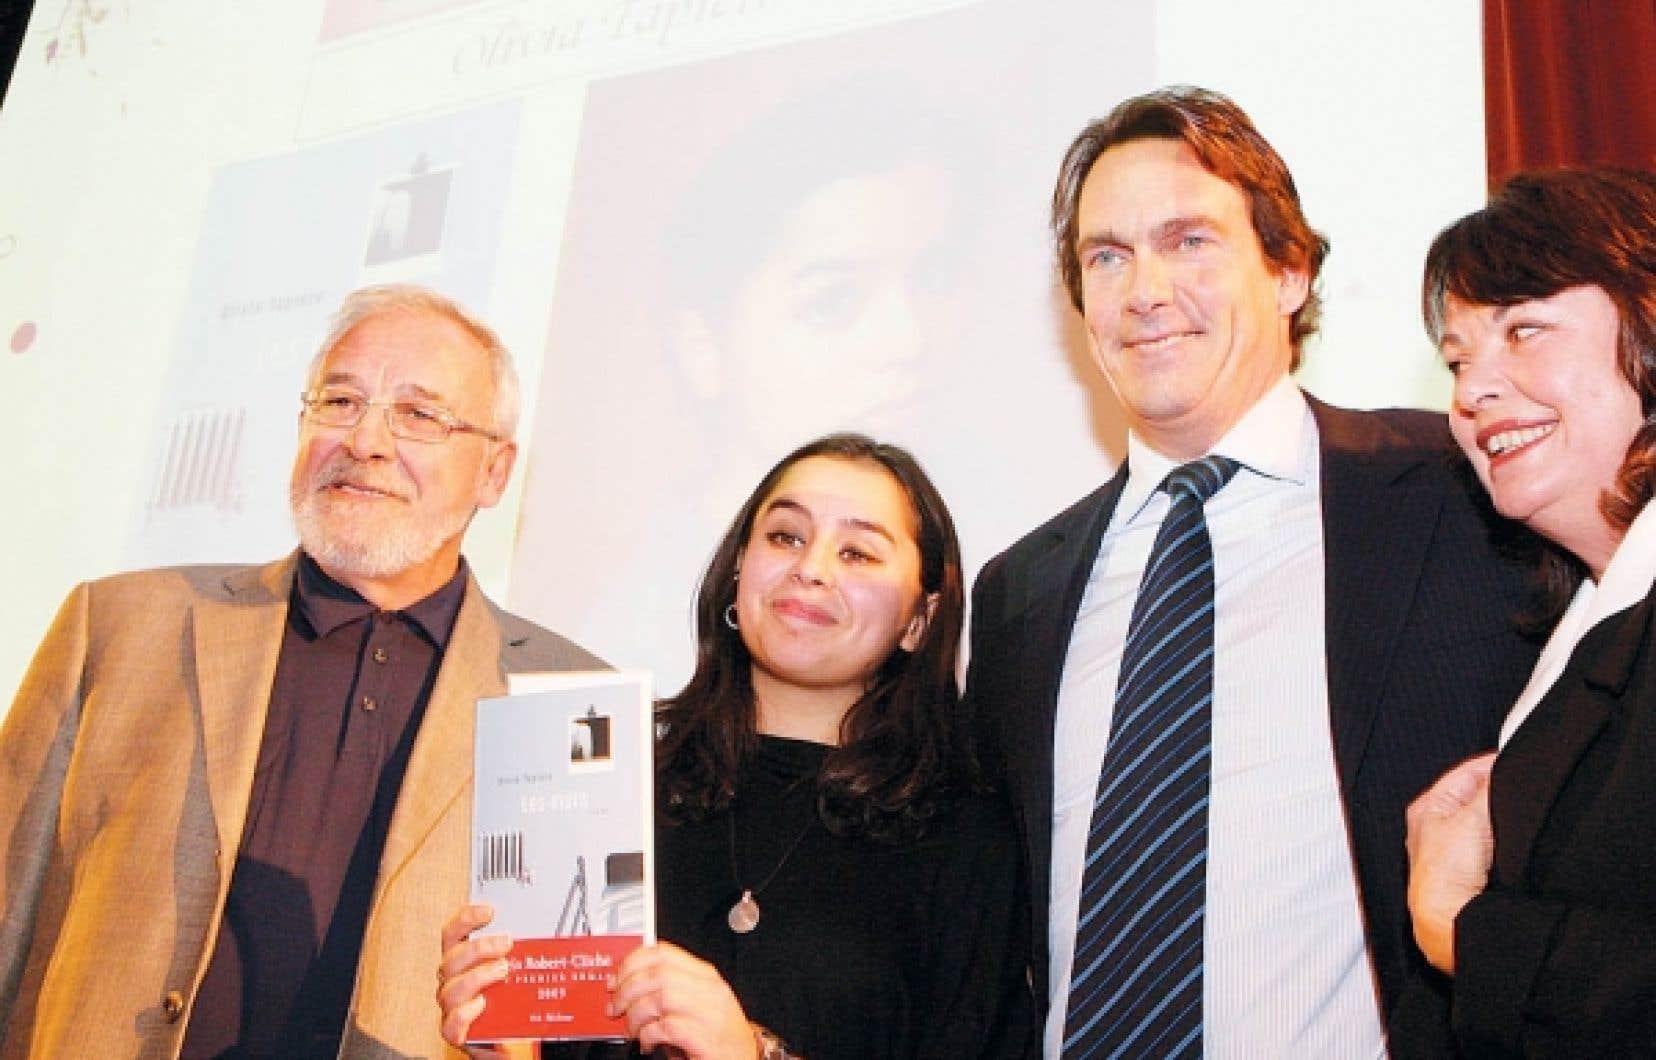 La lauréate entourée de l'éditeur Jean-Yves Soucy et du président de Quebecor, Pierre Karl Péladeau